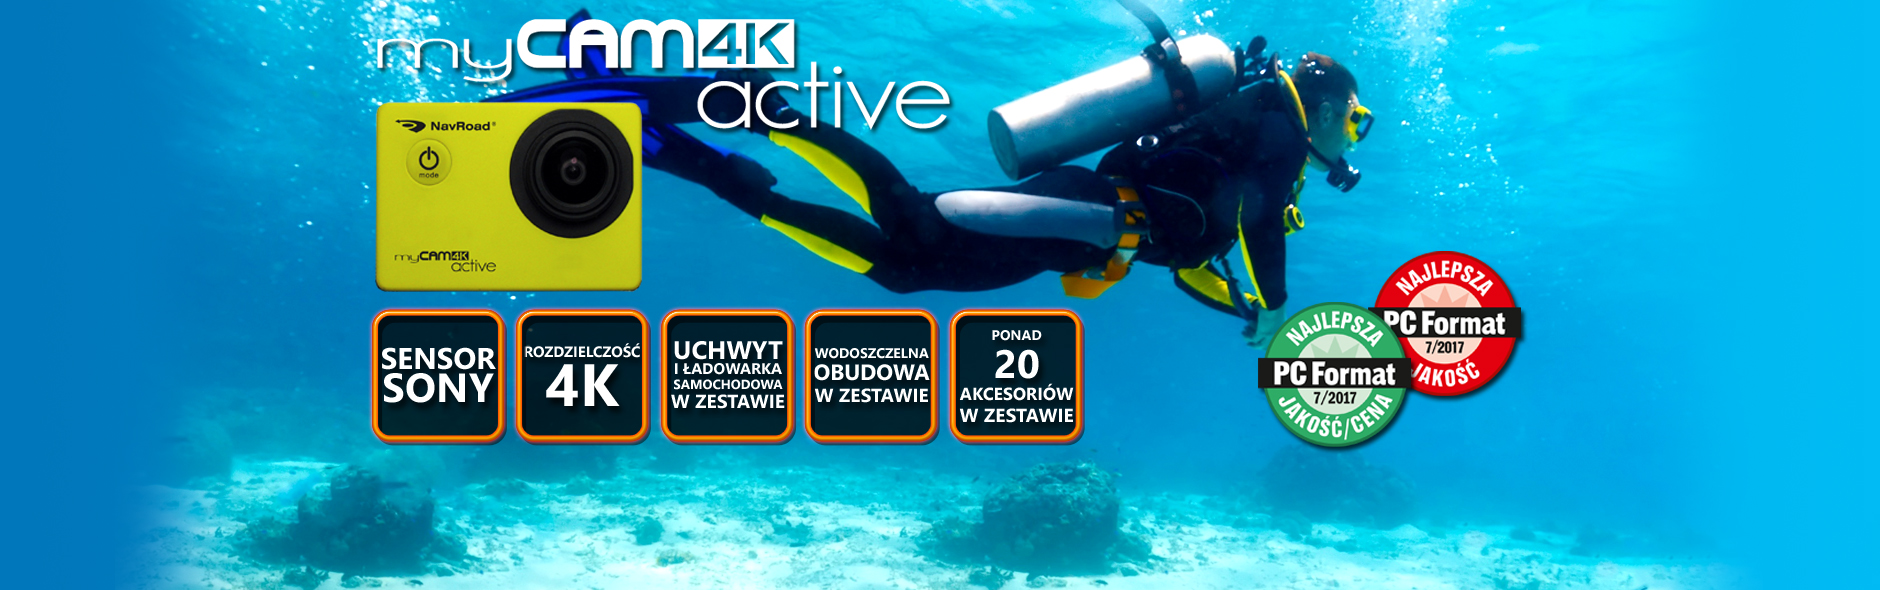 myCAM 4K active_banner_wiosna 2017 B + znaczki_lato 2017 copy